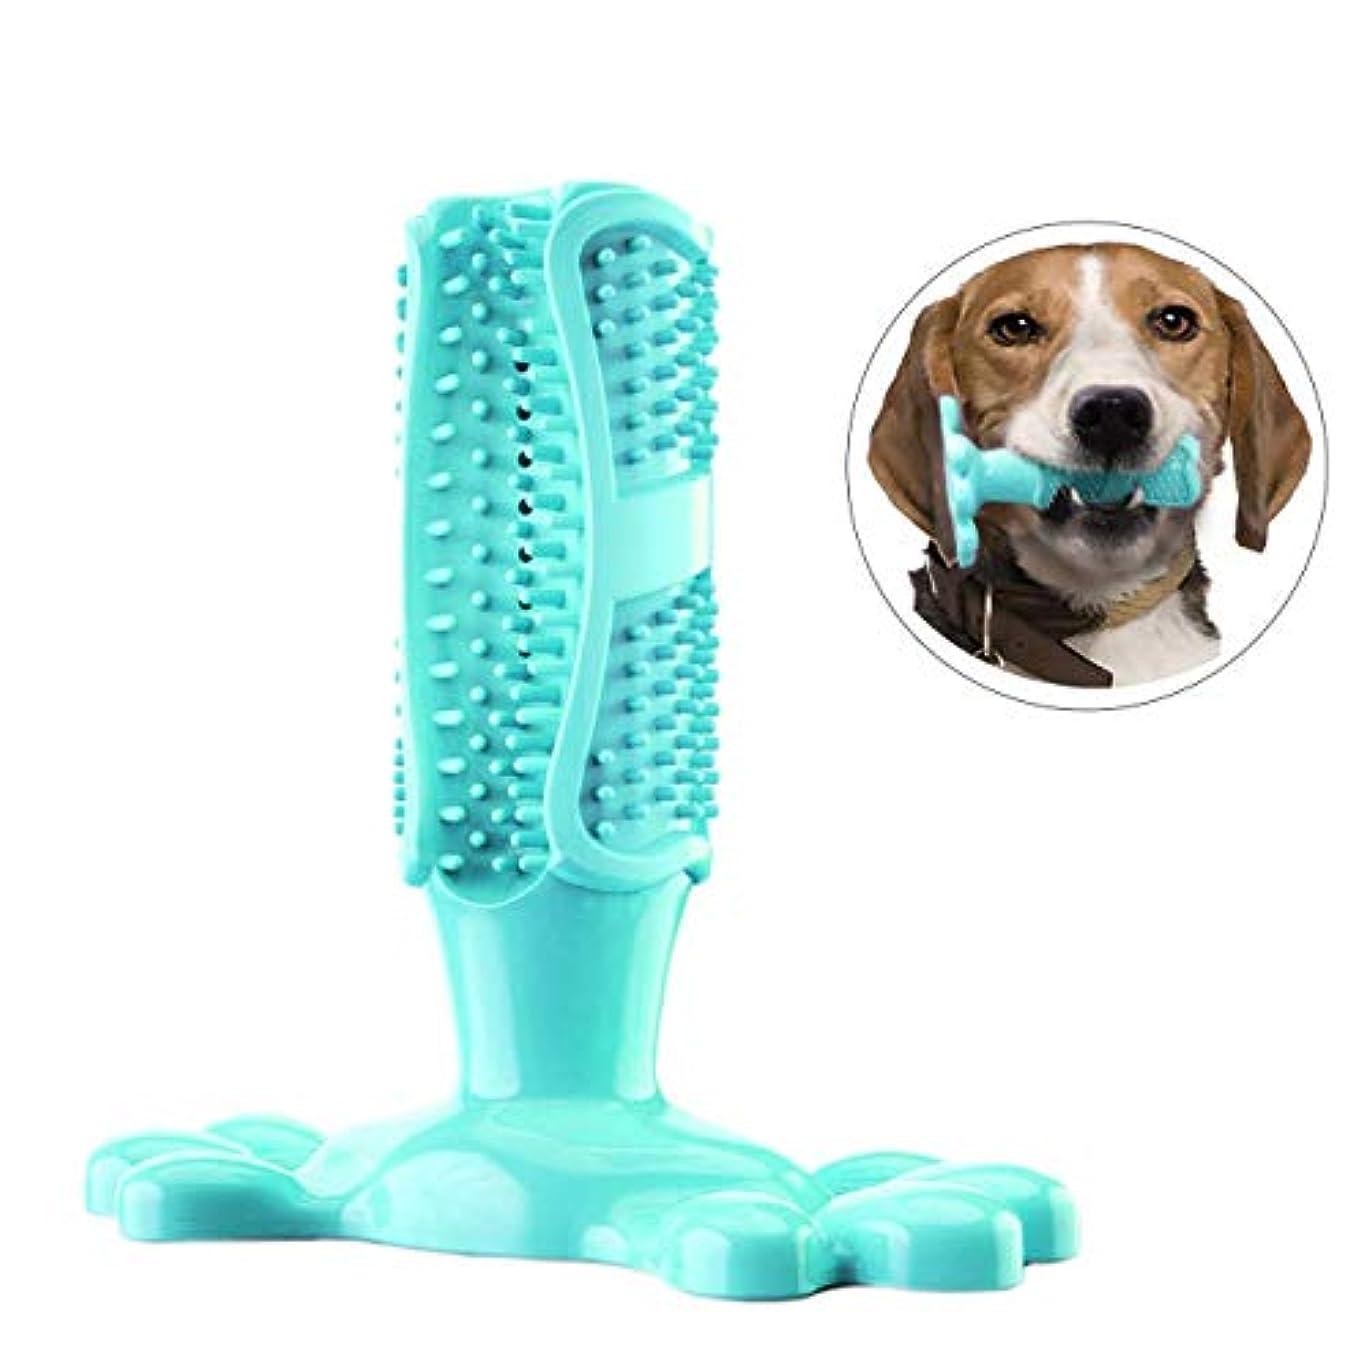 アッパーホット委員長犬用歯磨きおもちゃ歯磨き棒 柔らかい犬かむ玩具 歯石予防 360度清潔 耐久性 天然ゴム 安心使用